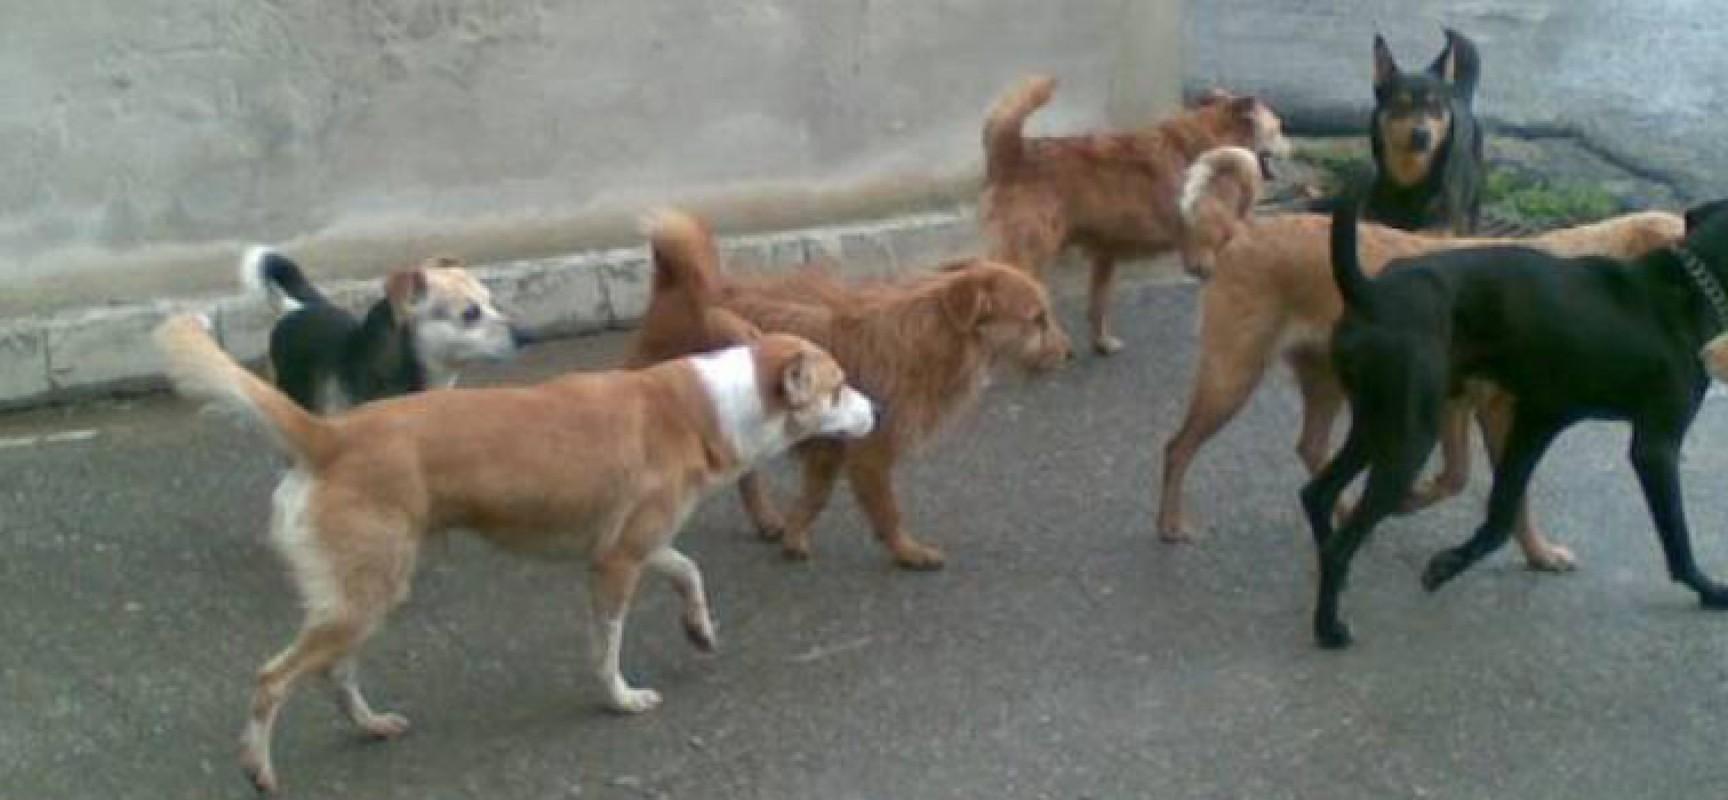 Inseguito in bici da una decina di cani randagi di grossa taglia: la denuncia di un cittadino